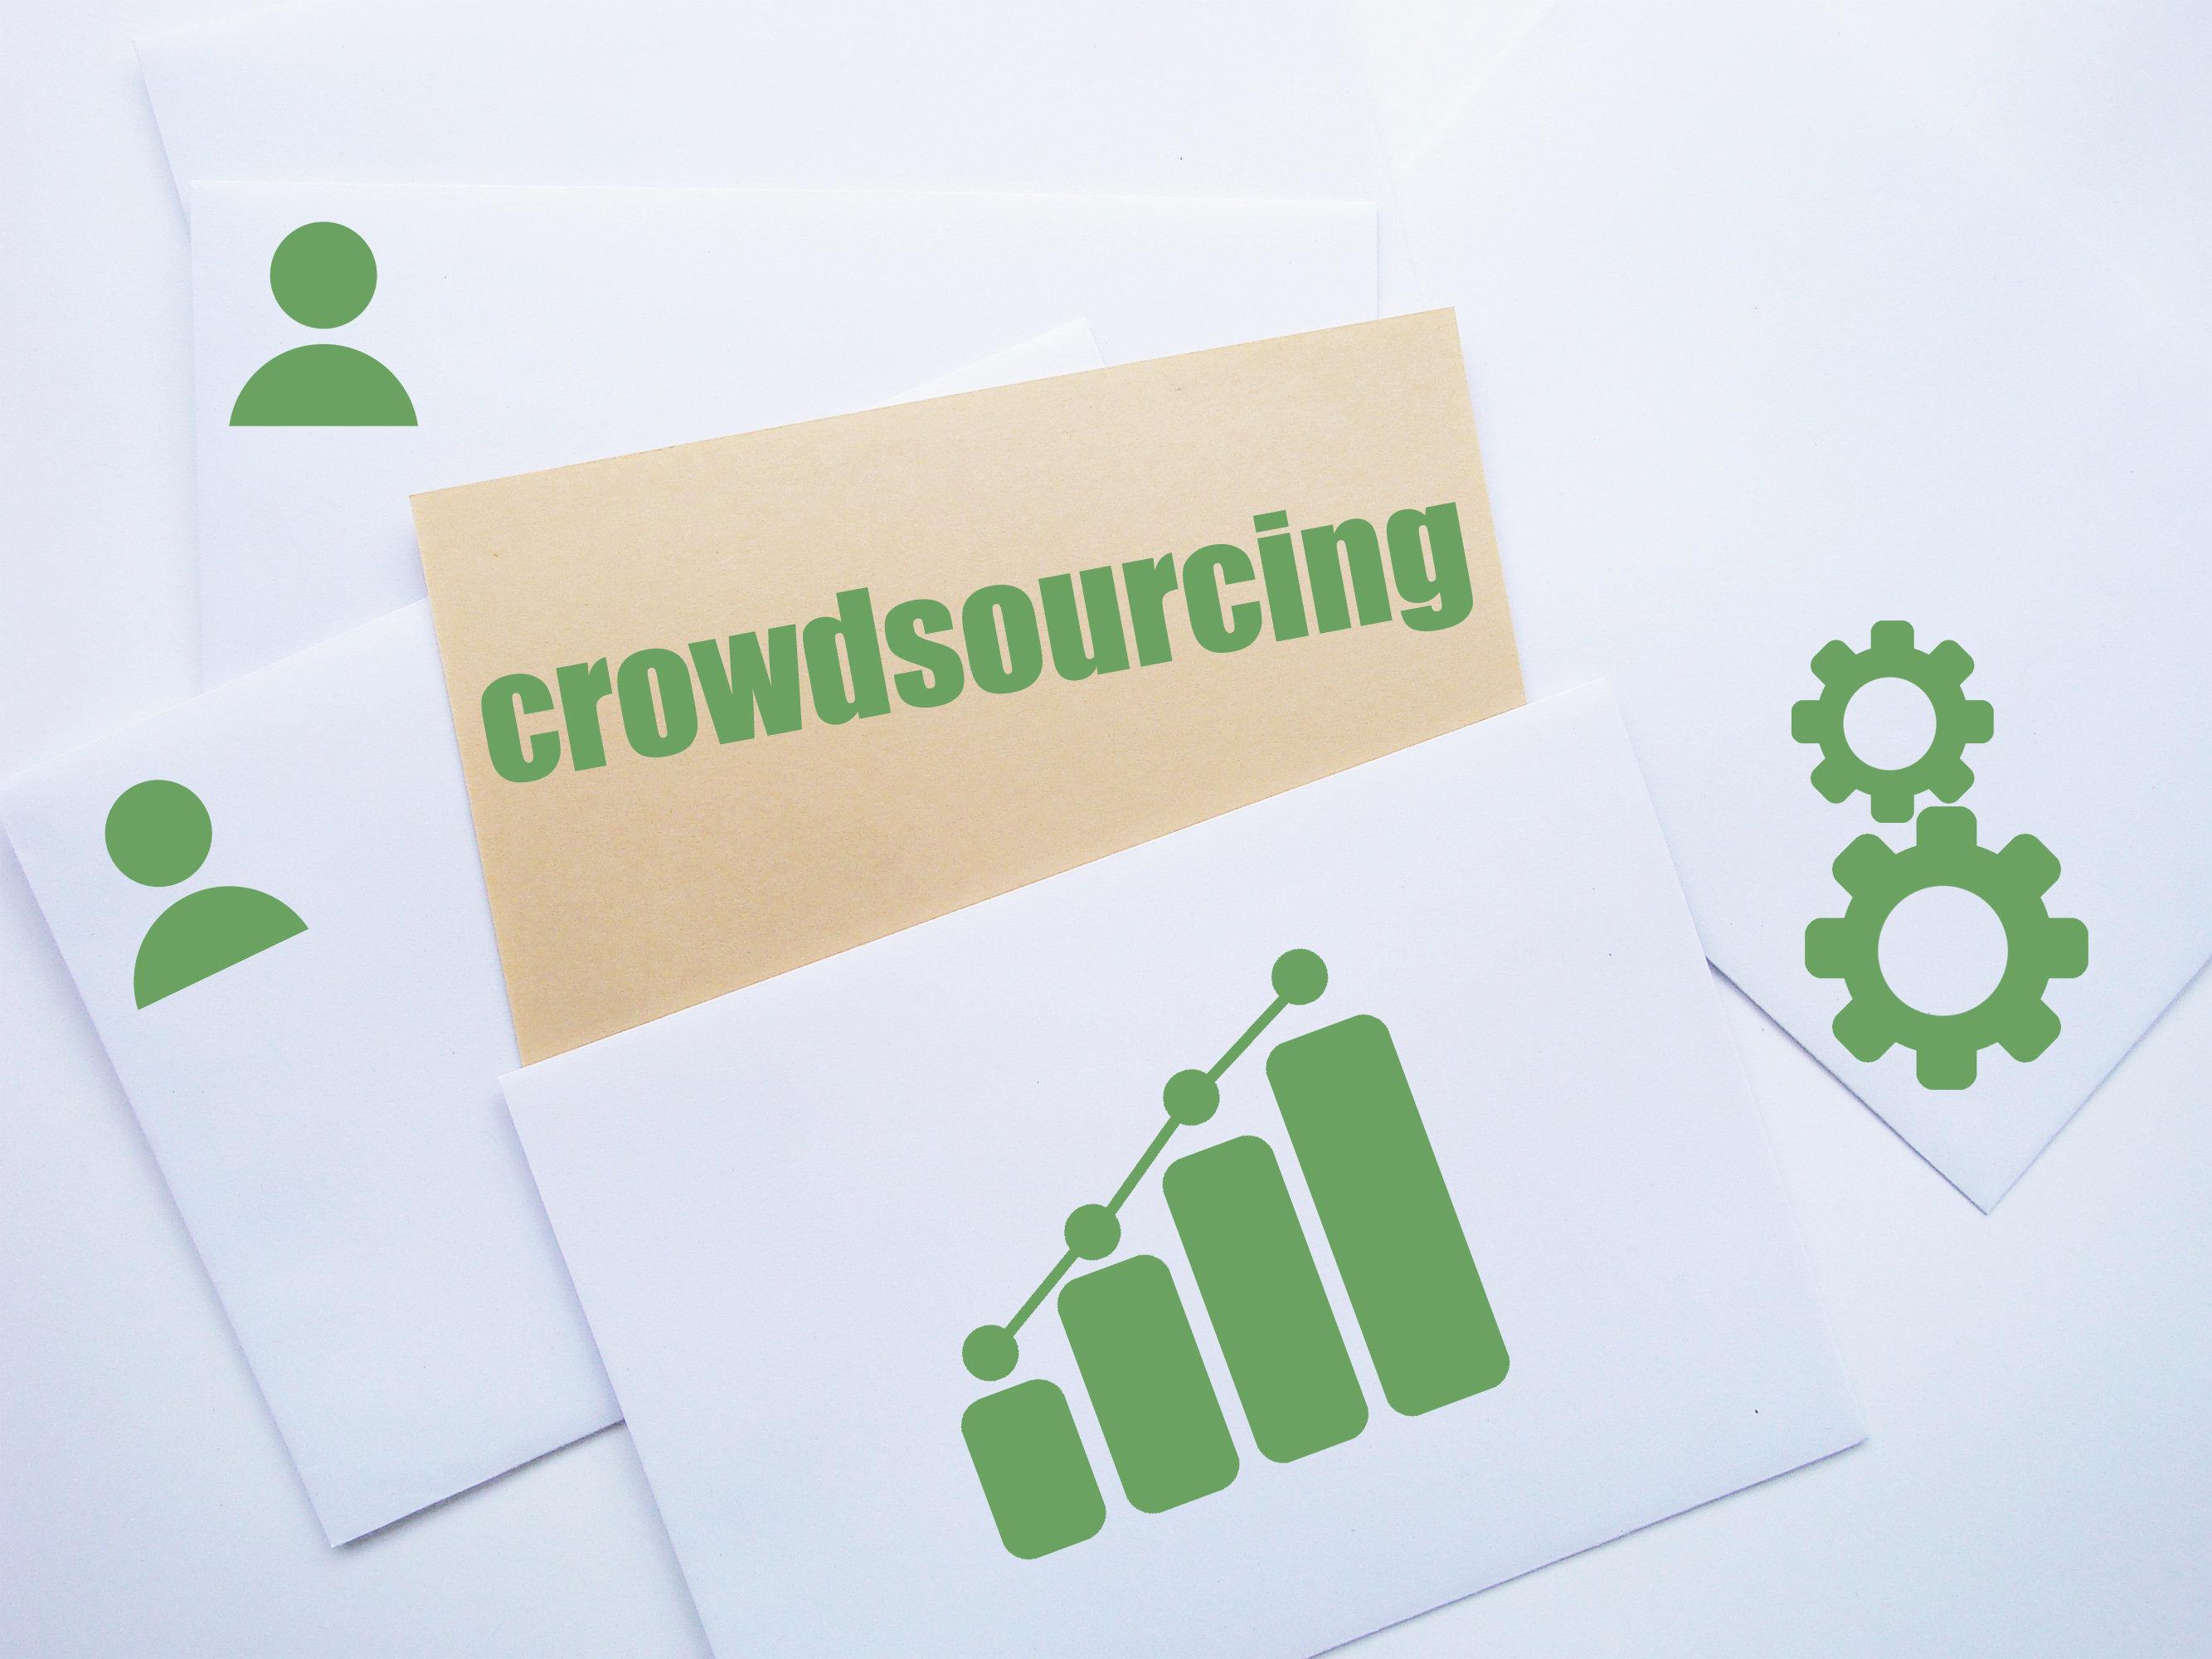 Le Crowdsourcing en Tunisie pourrait-il devenir une référence en matière de données publiques?